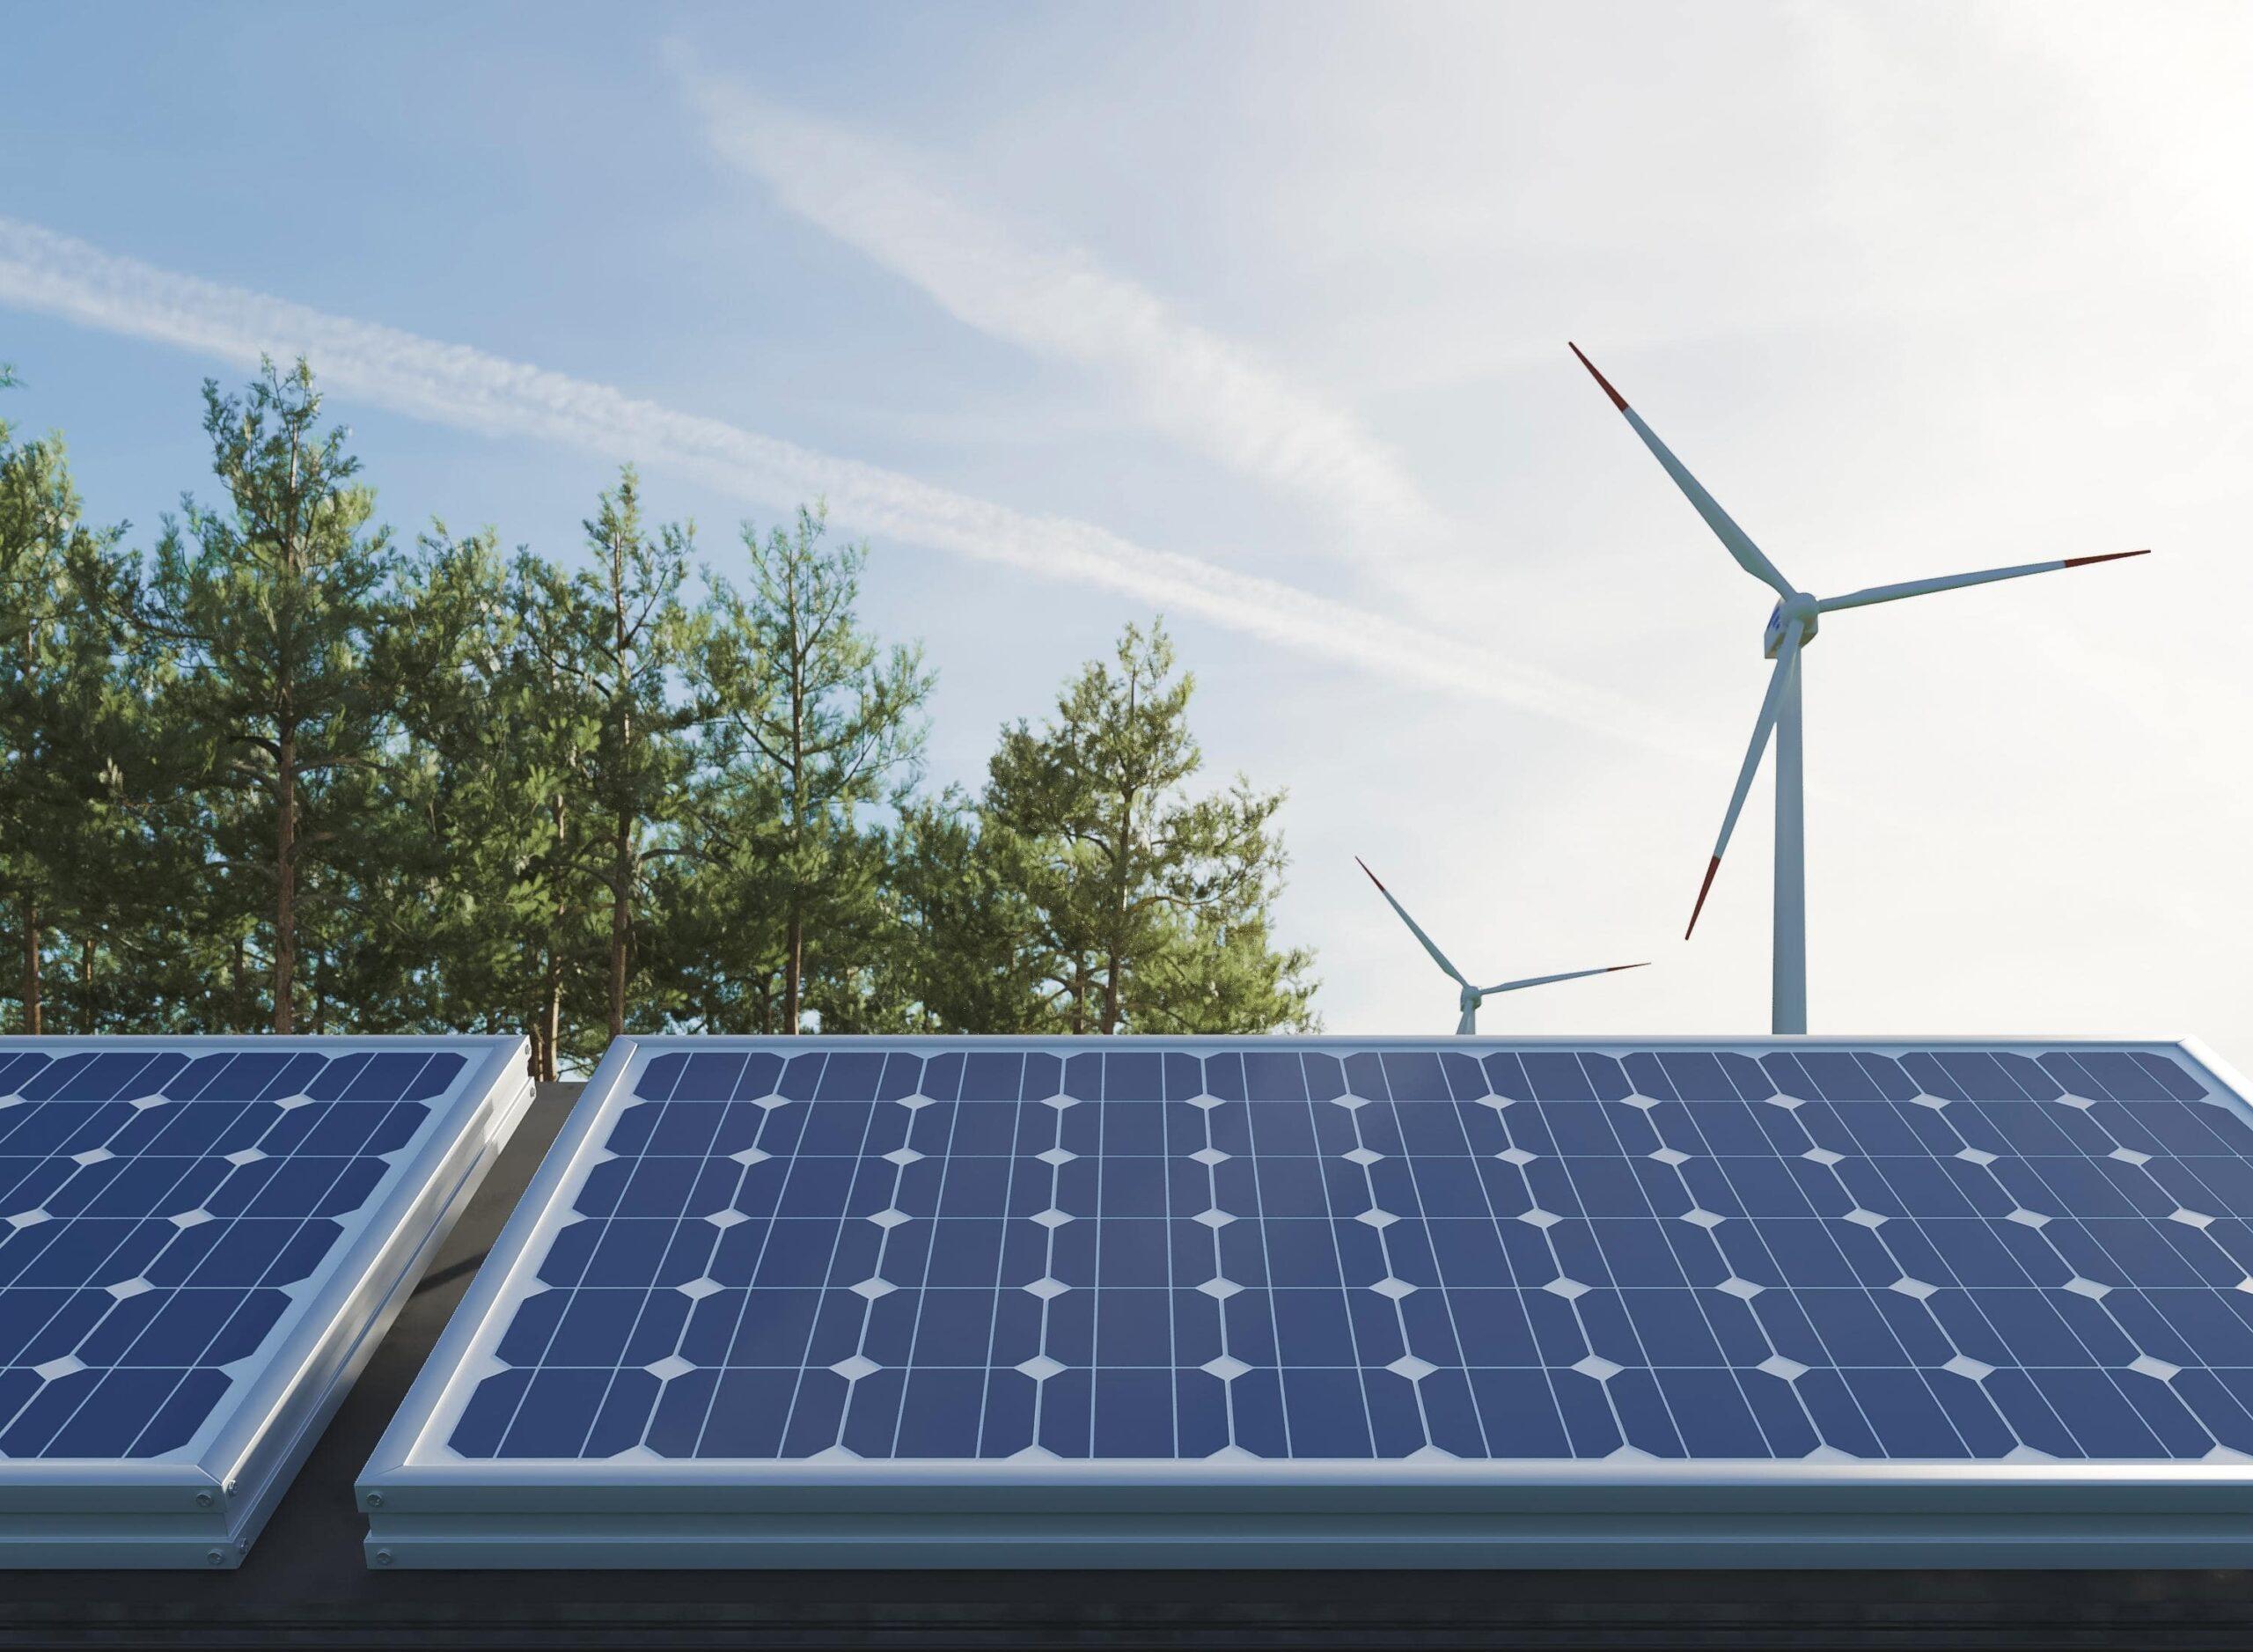 Combien de panneaux photovoltaïques pour 5000 kWh